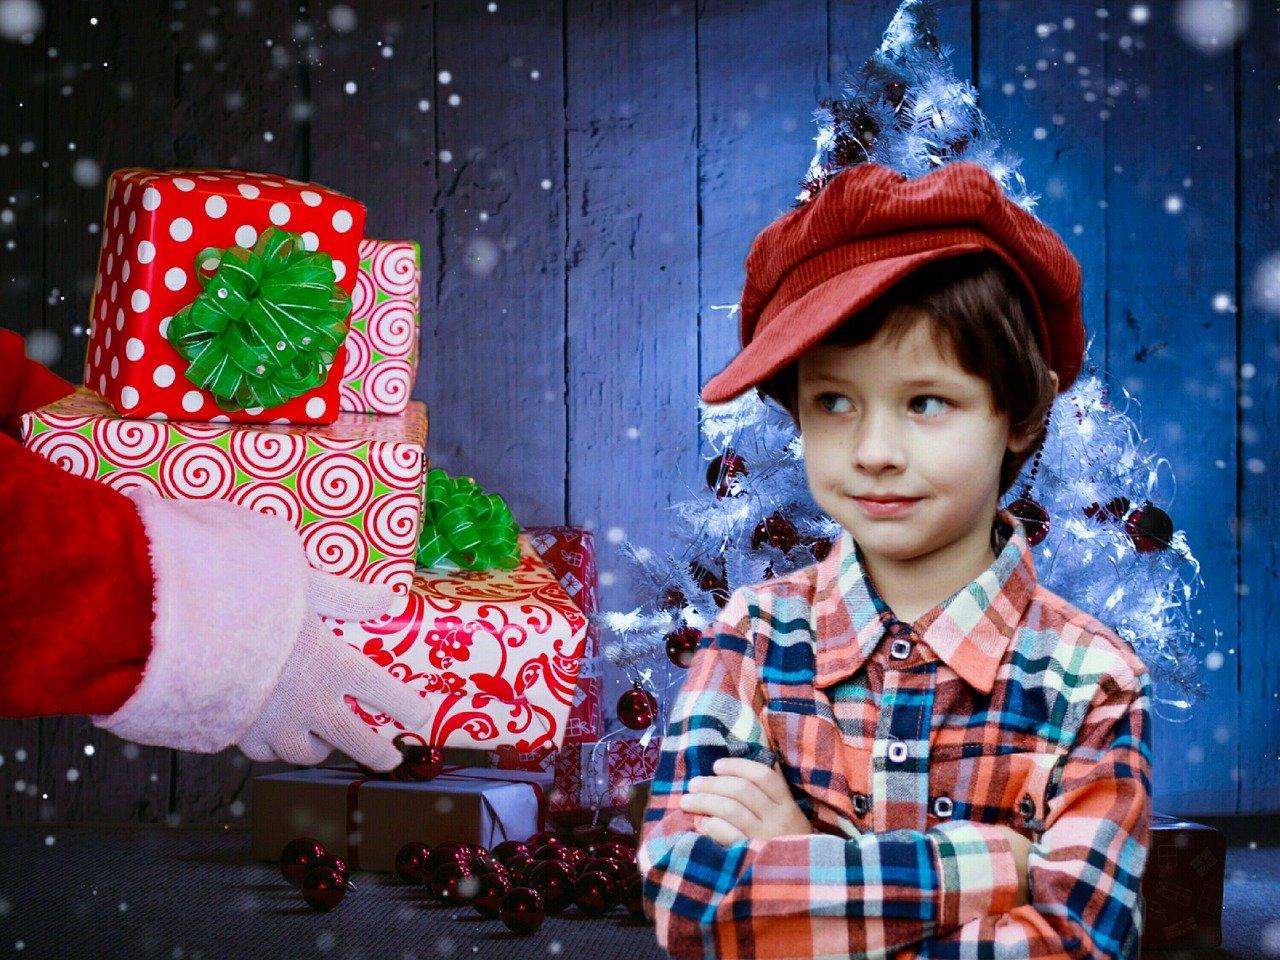 6 декабря в Польше отмечаются «миколайки» в честь праздника Святого Николая